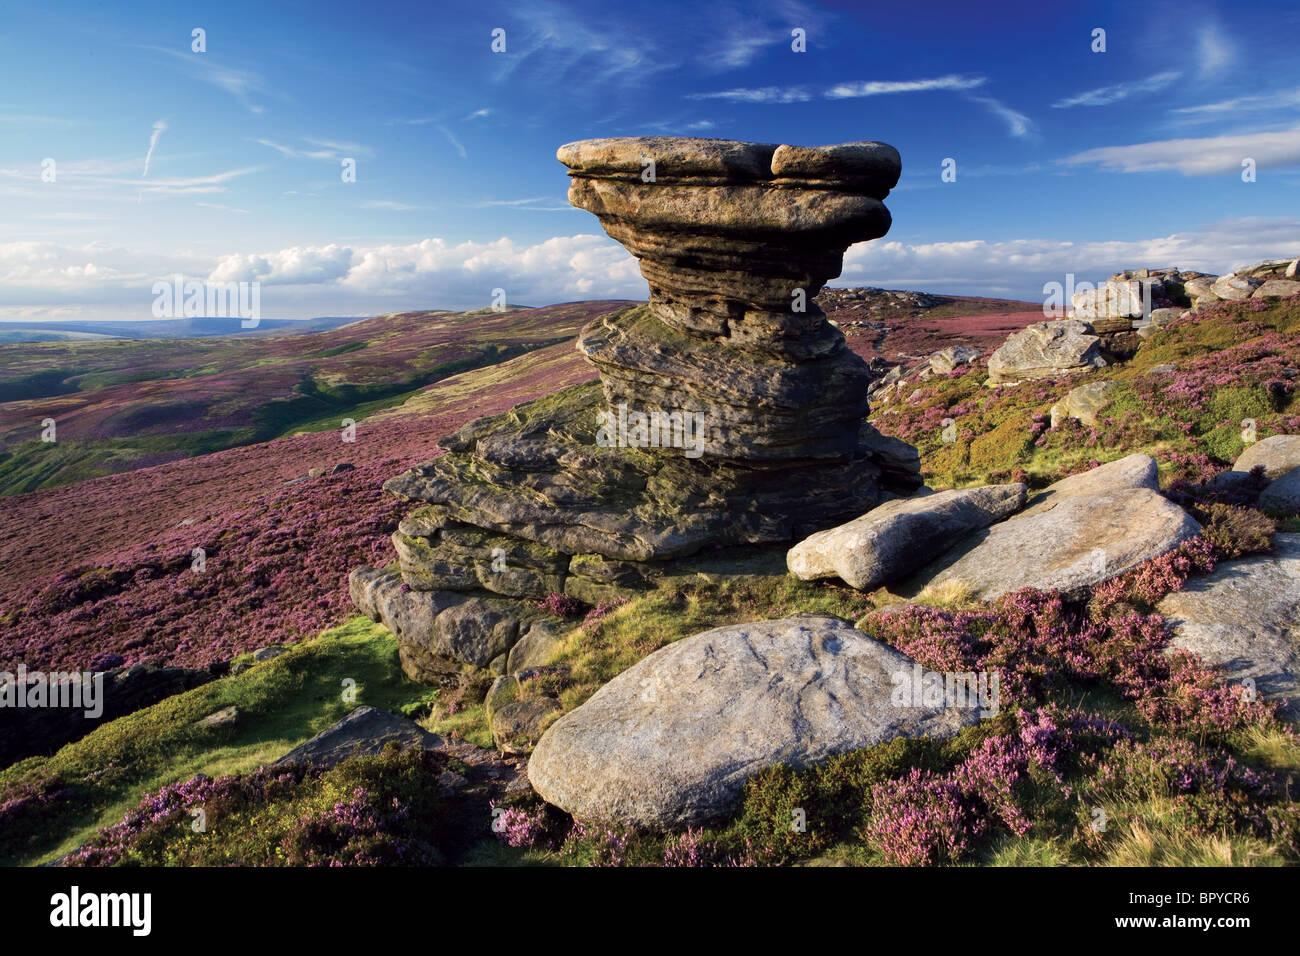 The 'Salt Cellar' (boulder), Derwent Edge, The Upper Derwent Valley, Derbyshire, Peak District, England - Stock Image